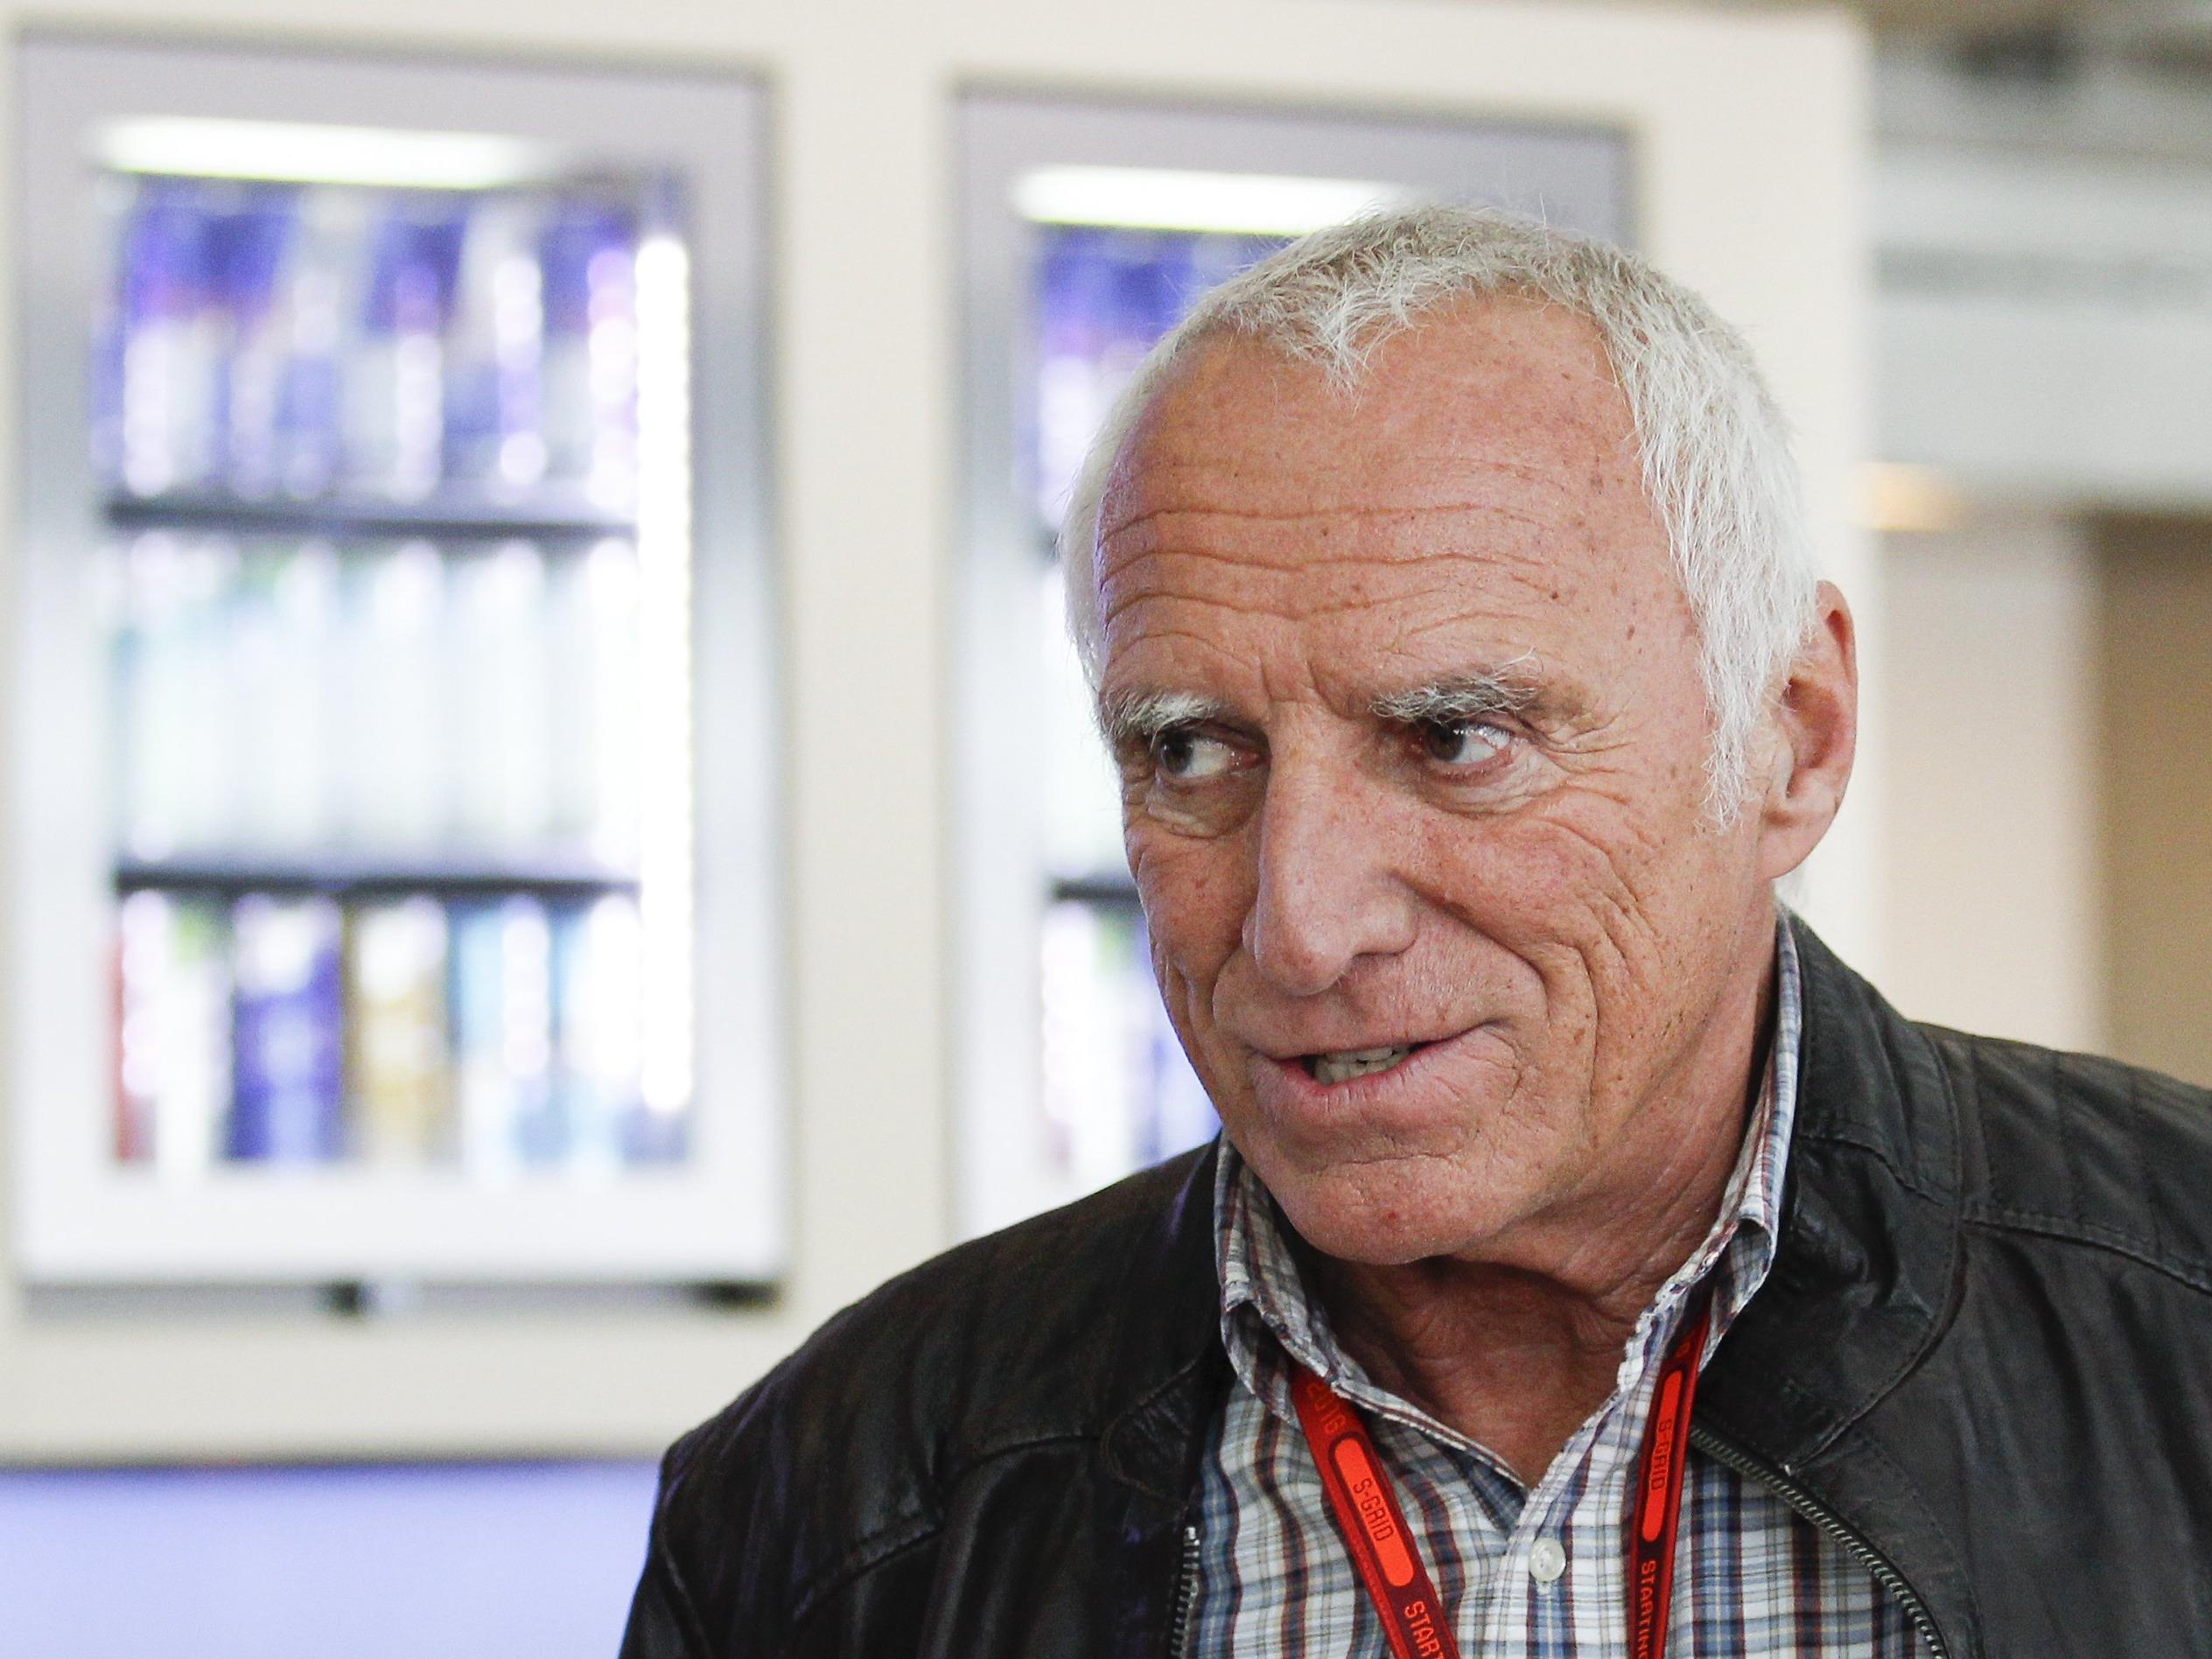 Gastkommentar von Johannes Huber rund um Red Bull-Chef Mateschitz